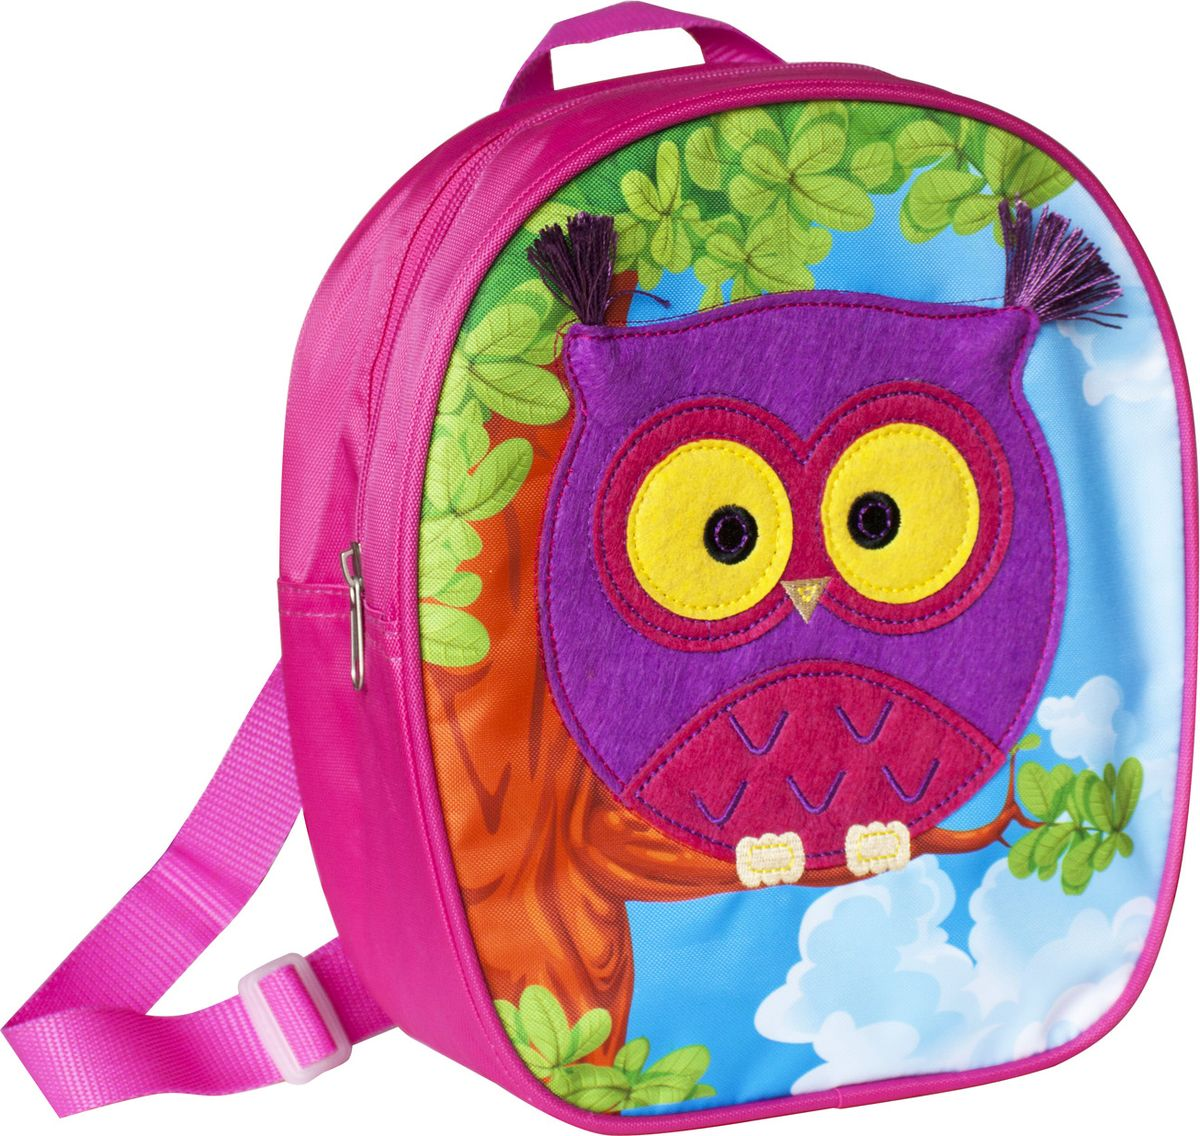 Росмэн Рюкзак дошкольный Сова32013Симпатичный дошкольный рюкзачок Сова - это удобный, легкий и компактный аксессуар для вашего малыша, который обязательно пригодится для прогулок и детского сада.В его внутреннее отделение на застежке-молнии можно положить игрушки, предметы для творчества или книжку формата А5.Благодаря регулируемым лямкам, рюкзачок подходит детям любого роста. Удобная ручка помогает носить аксессуар в руке или размещать на вешалке.Износостойкий материал с водонепроницаемой основой и подкладка обеспечивают изделию длительный срок службы и помогают держать вещи сухими в сырую погоду. Аксессуар декорирован ярким принтом (сублимированной печатью), устойчивым к истиранию и выгоранию на солнце, аппликацией из фетра, вышивкой.